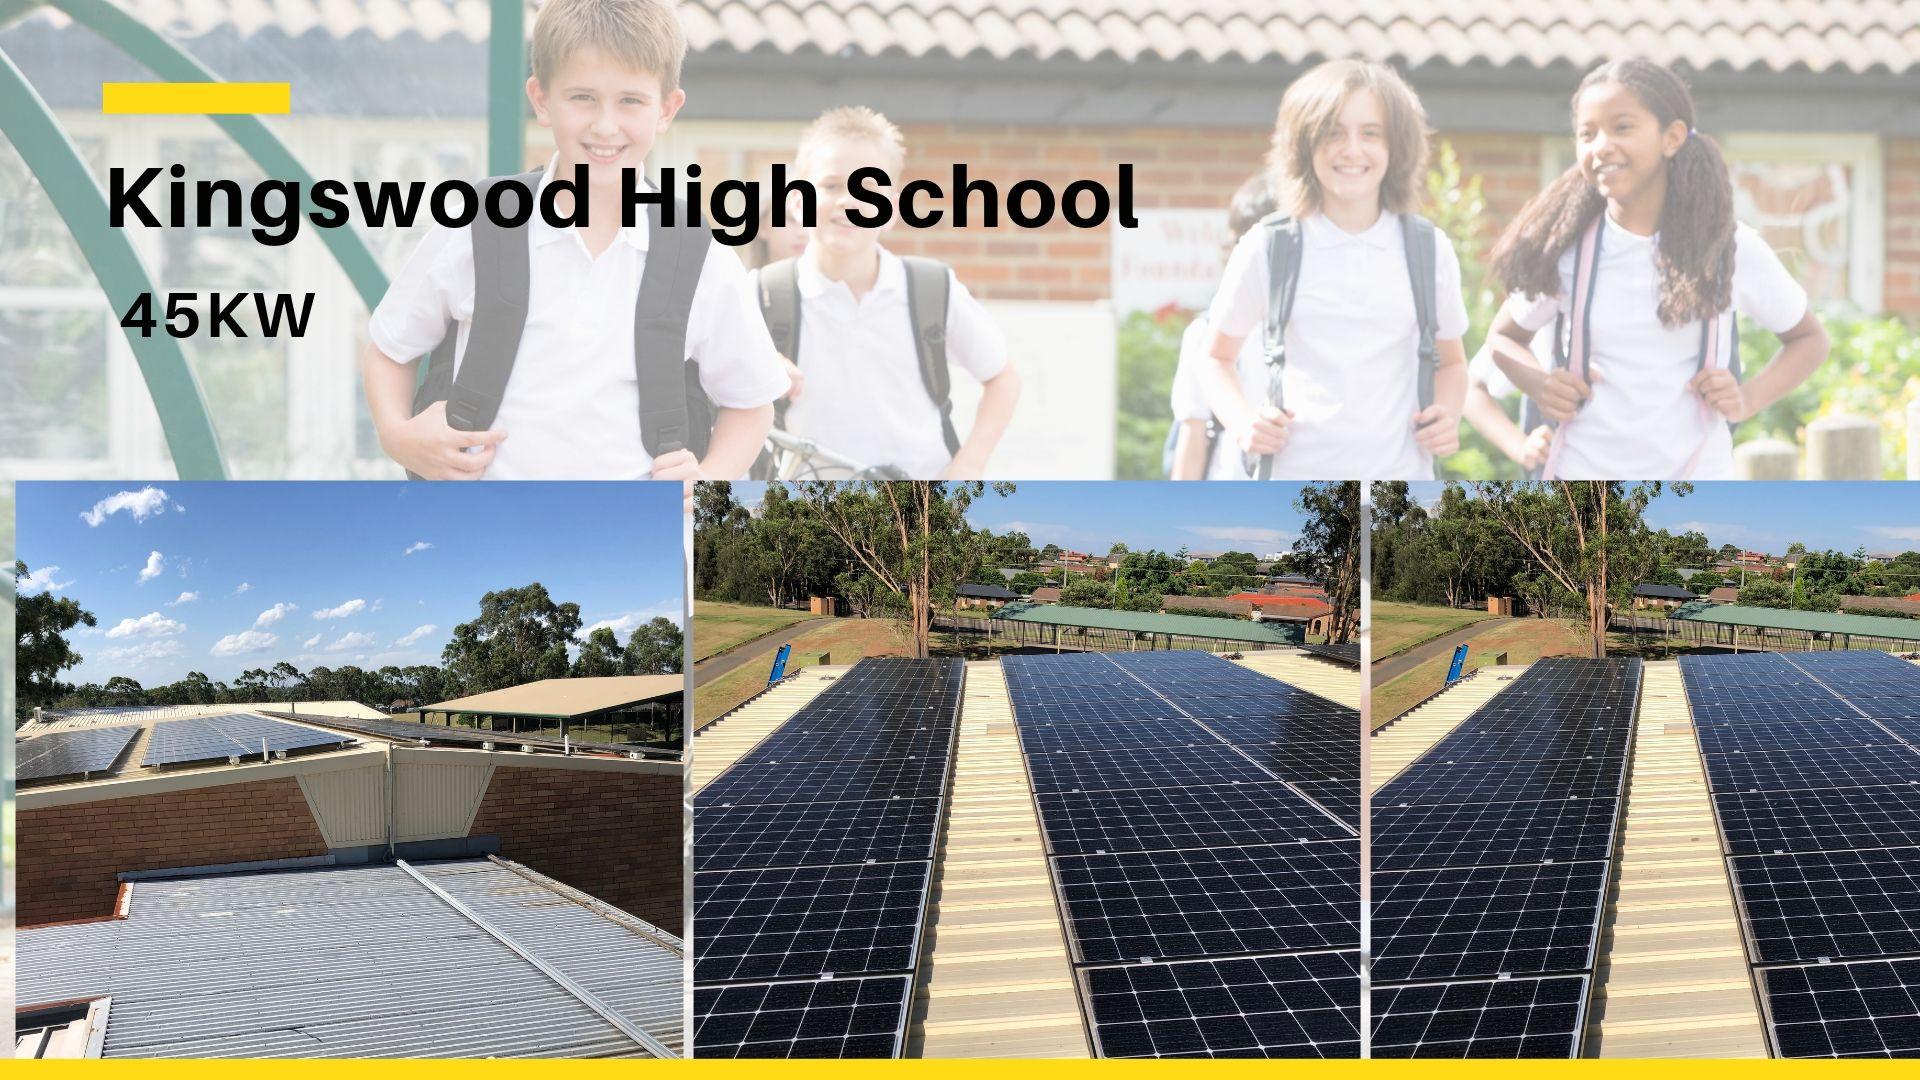 Kingswood High School, Kingswood NSW